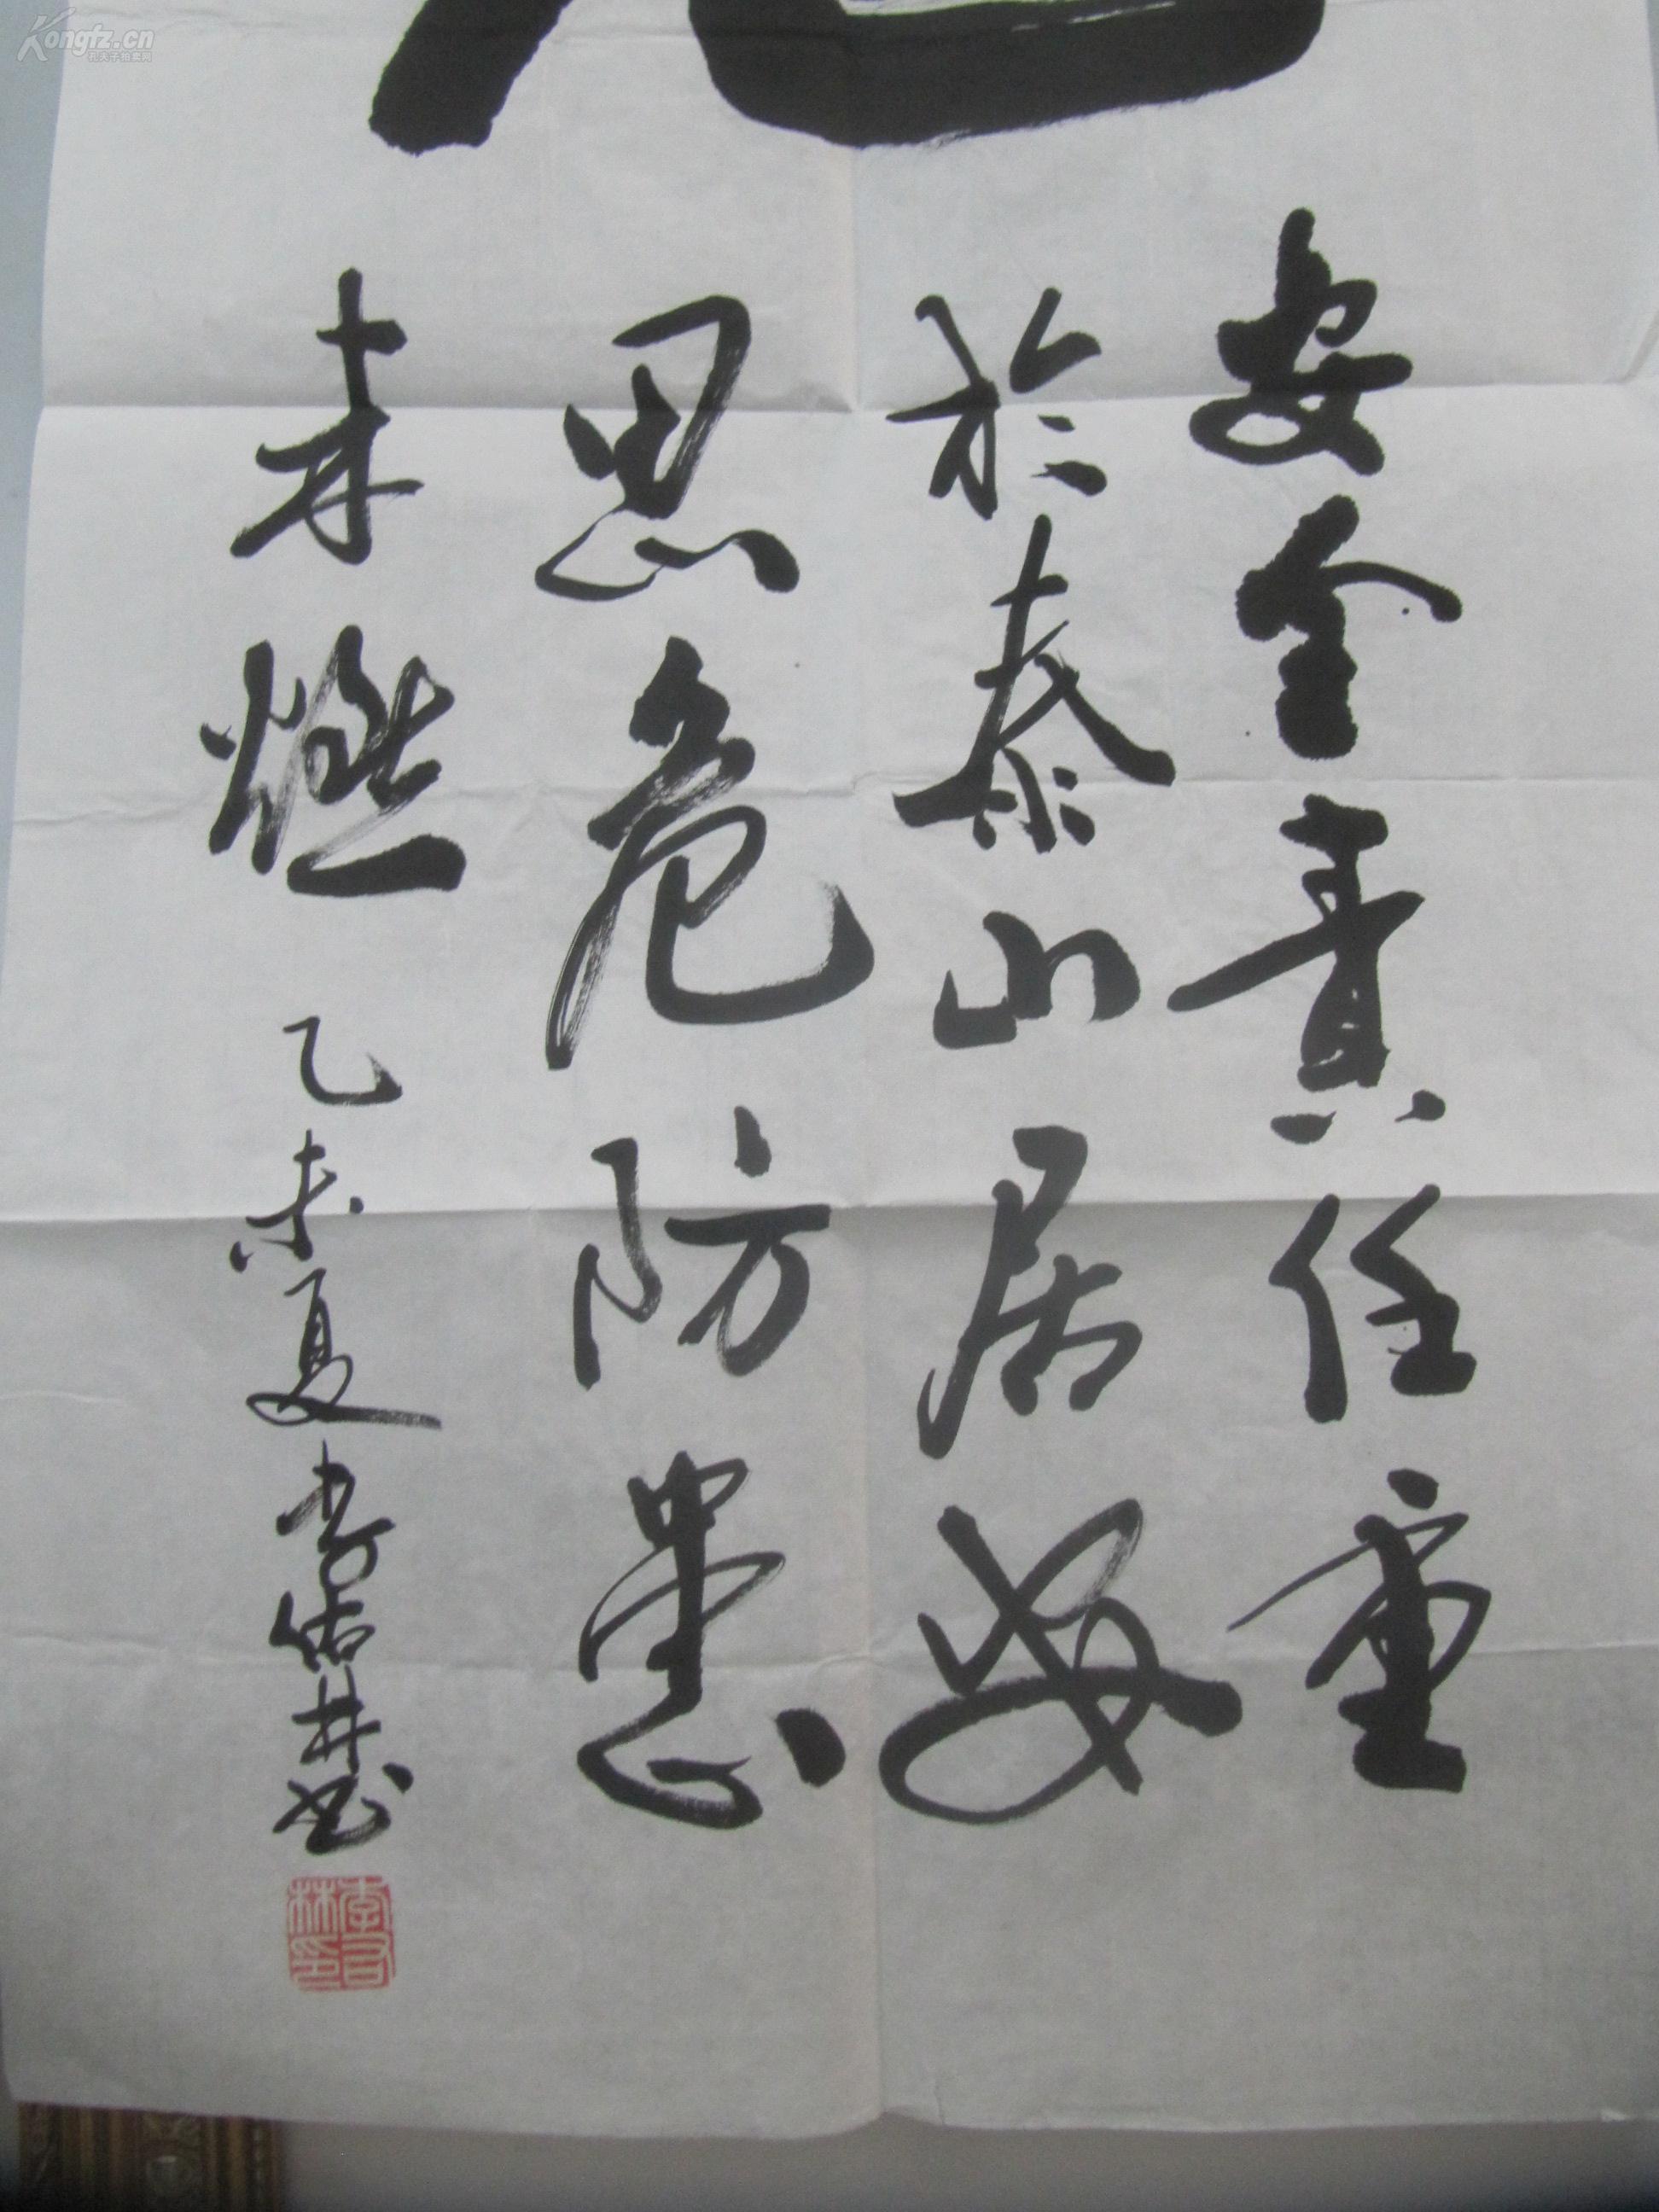 参赛作品 重庆书法家 李佑林 作 书法一幅 尺寸99/50厘米 b013003 拍图片